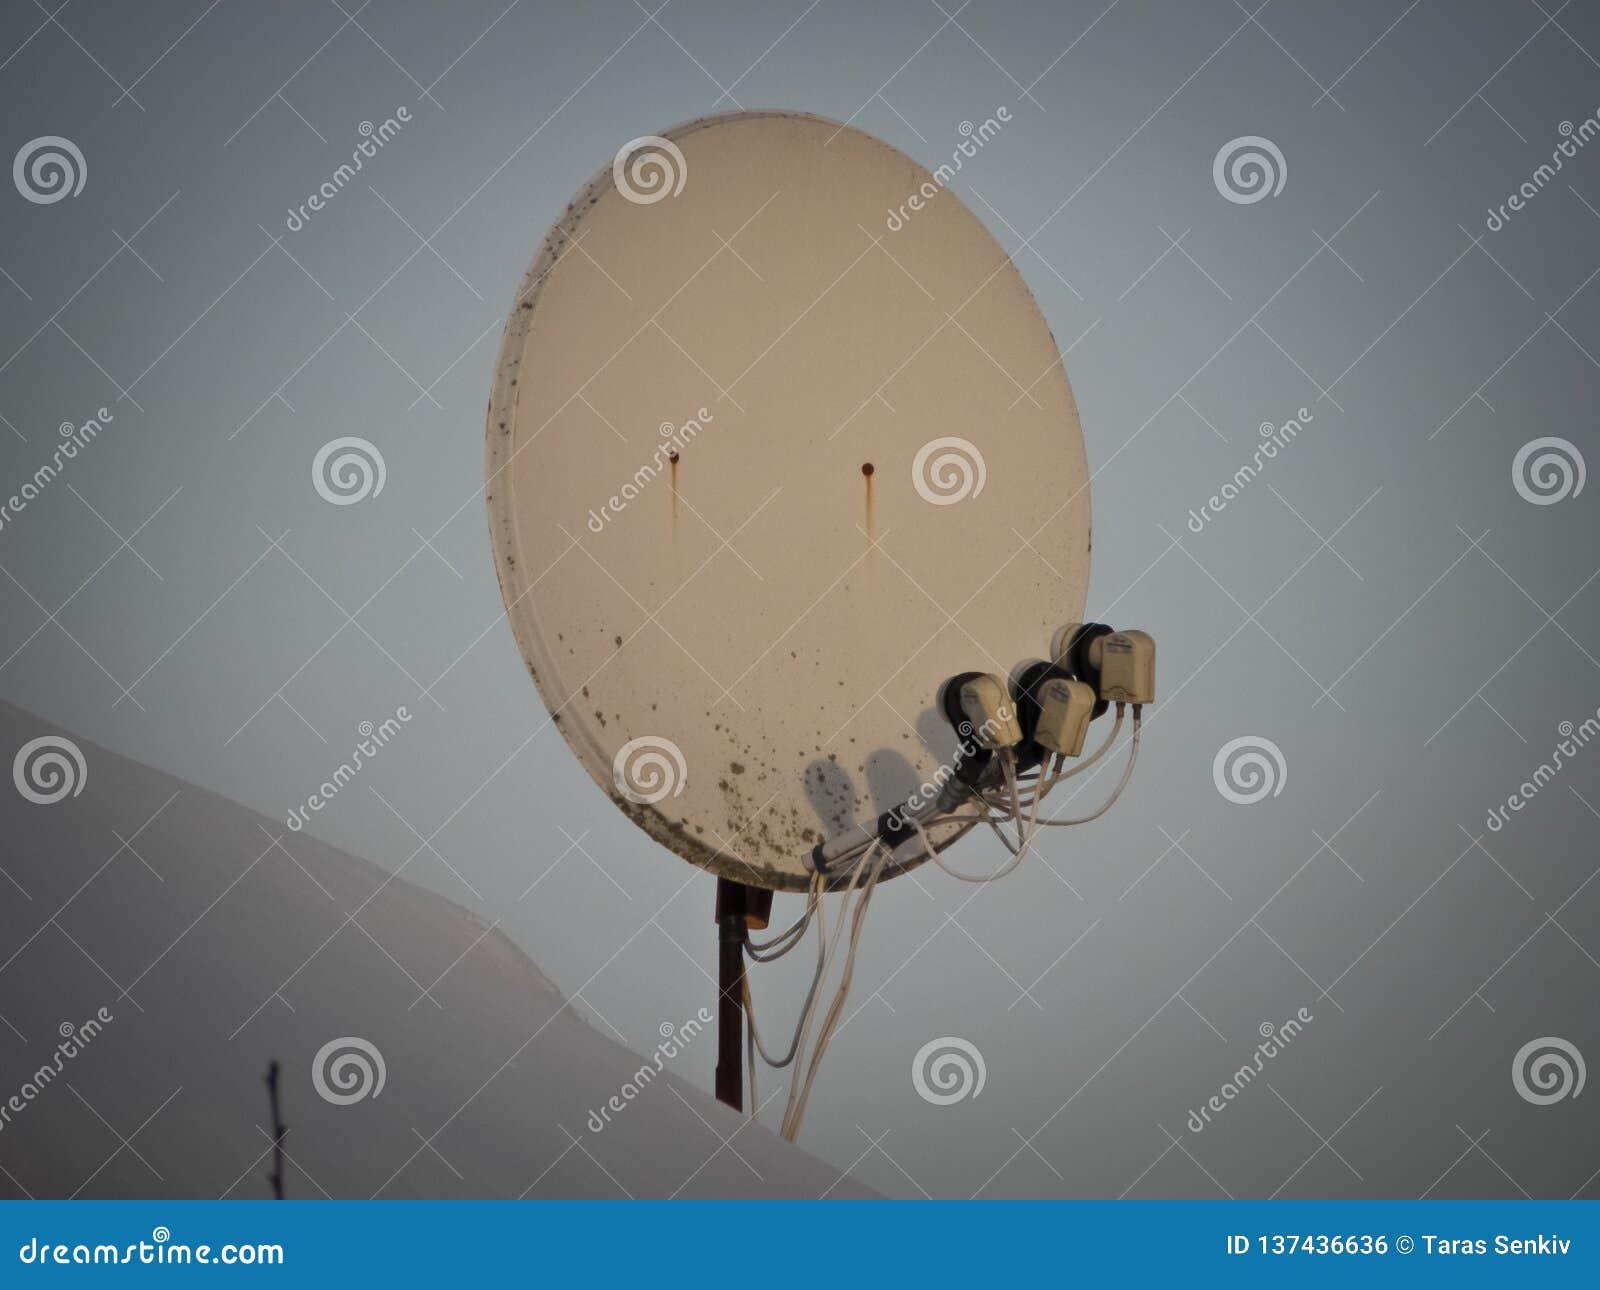 Internet-mededeling en de satellietdieschotel van TV op het dak van het huis bij groene bomenachtergrond wordt geïnstalleerd